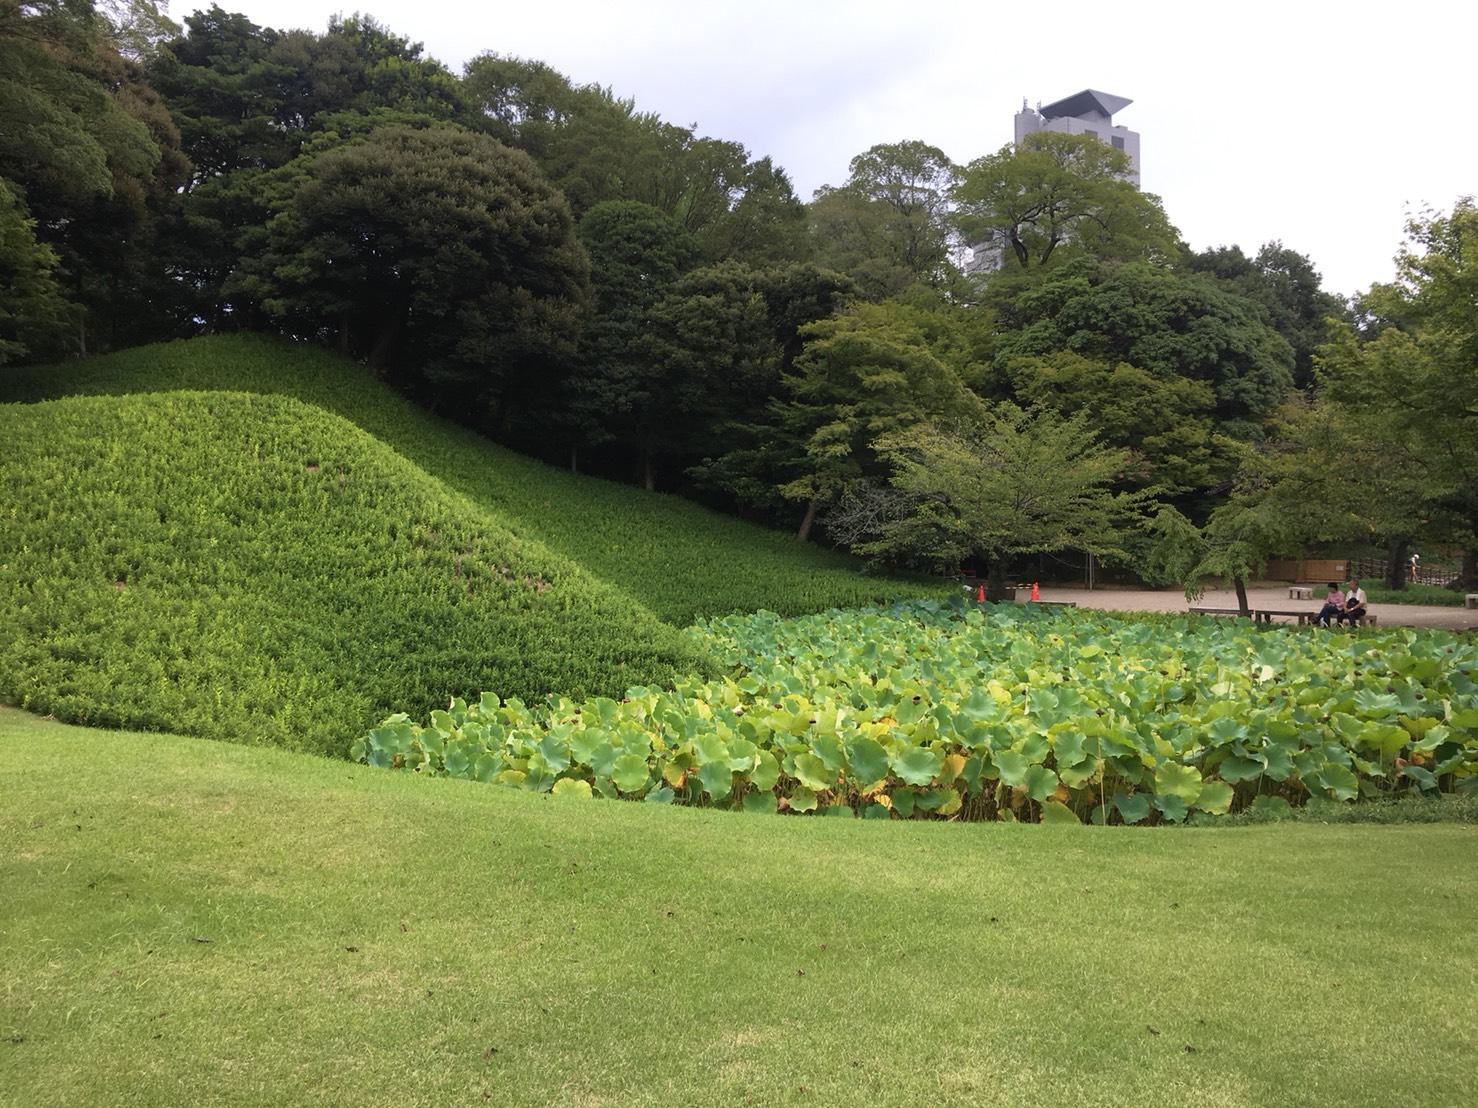 【飯田橋駅】江戸時代の中国趣味豊かな景観で一句「小石川後楽園」の小石川後楽園の庭園3